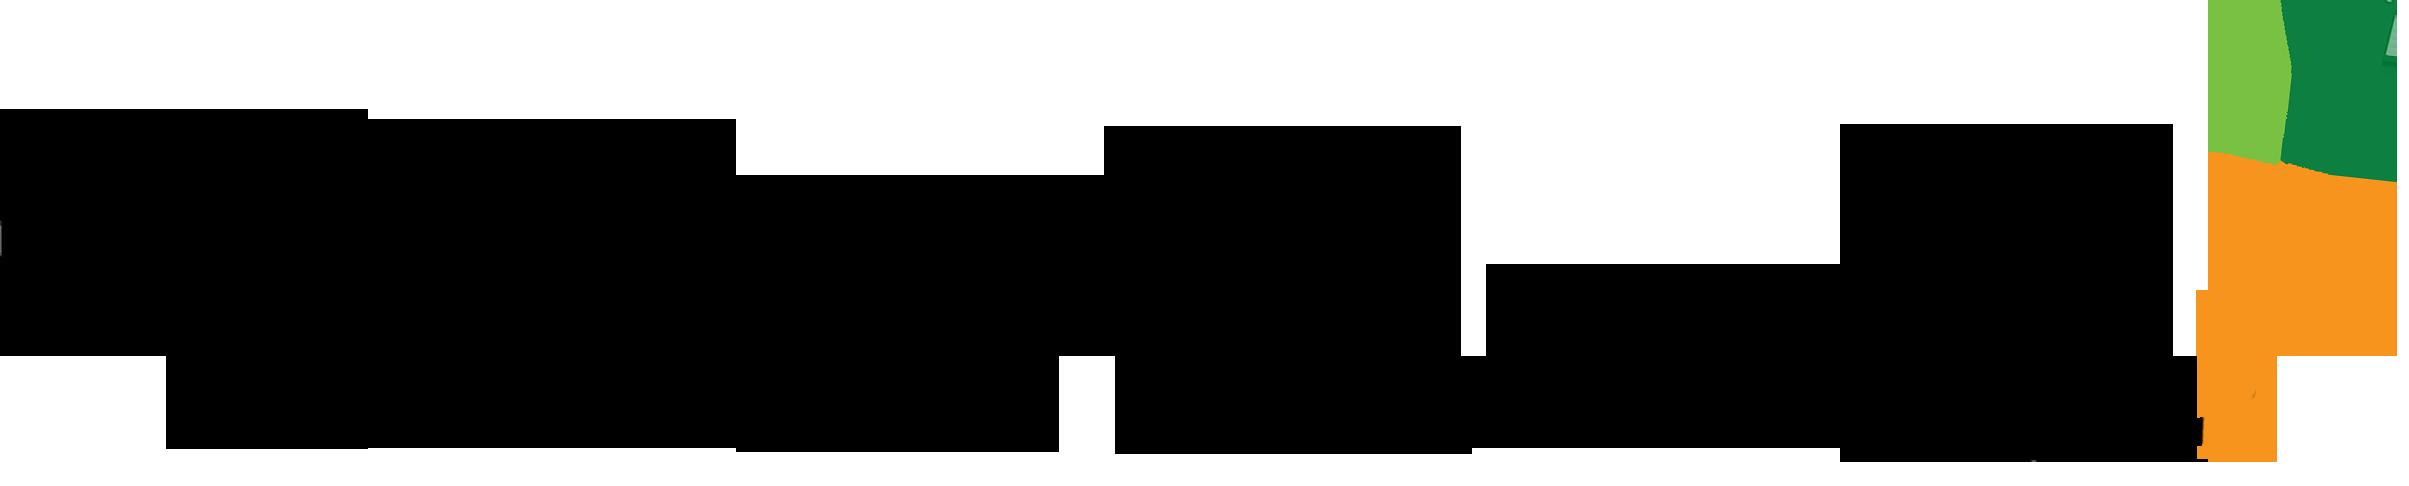 sina_logo Kopie